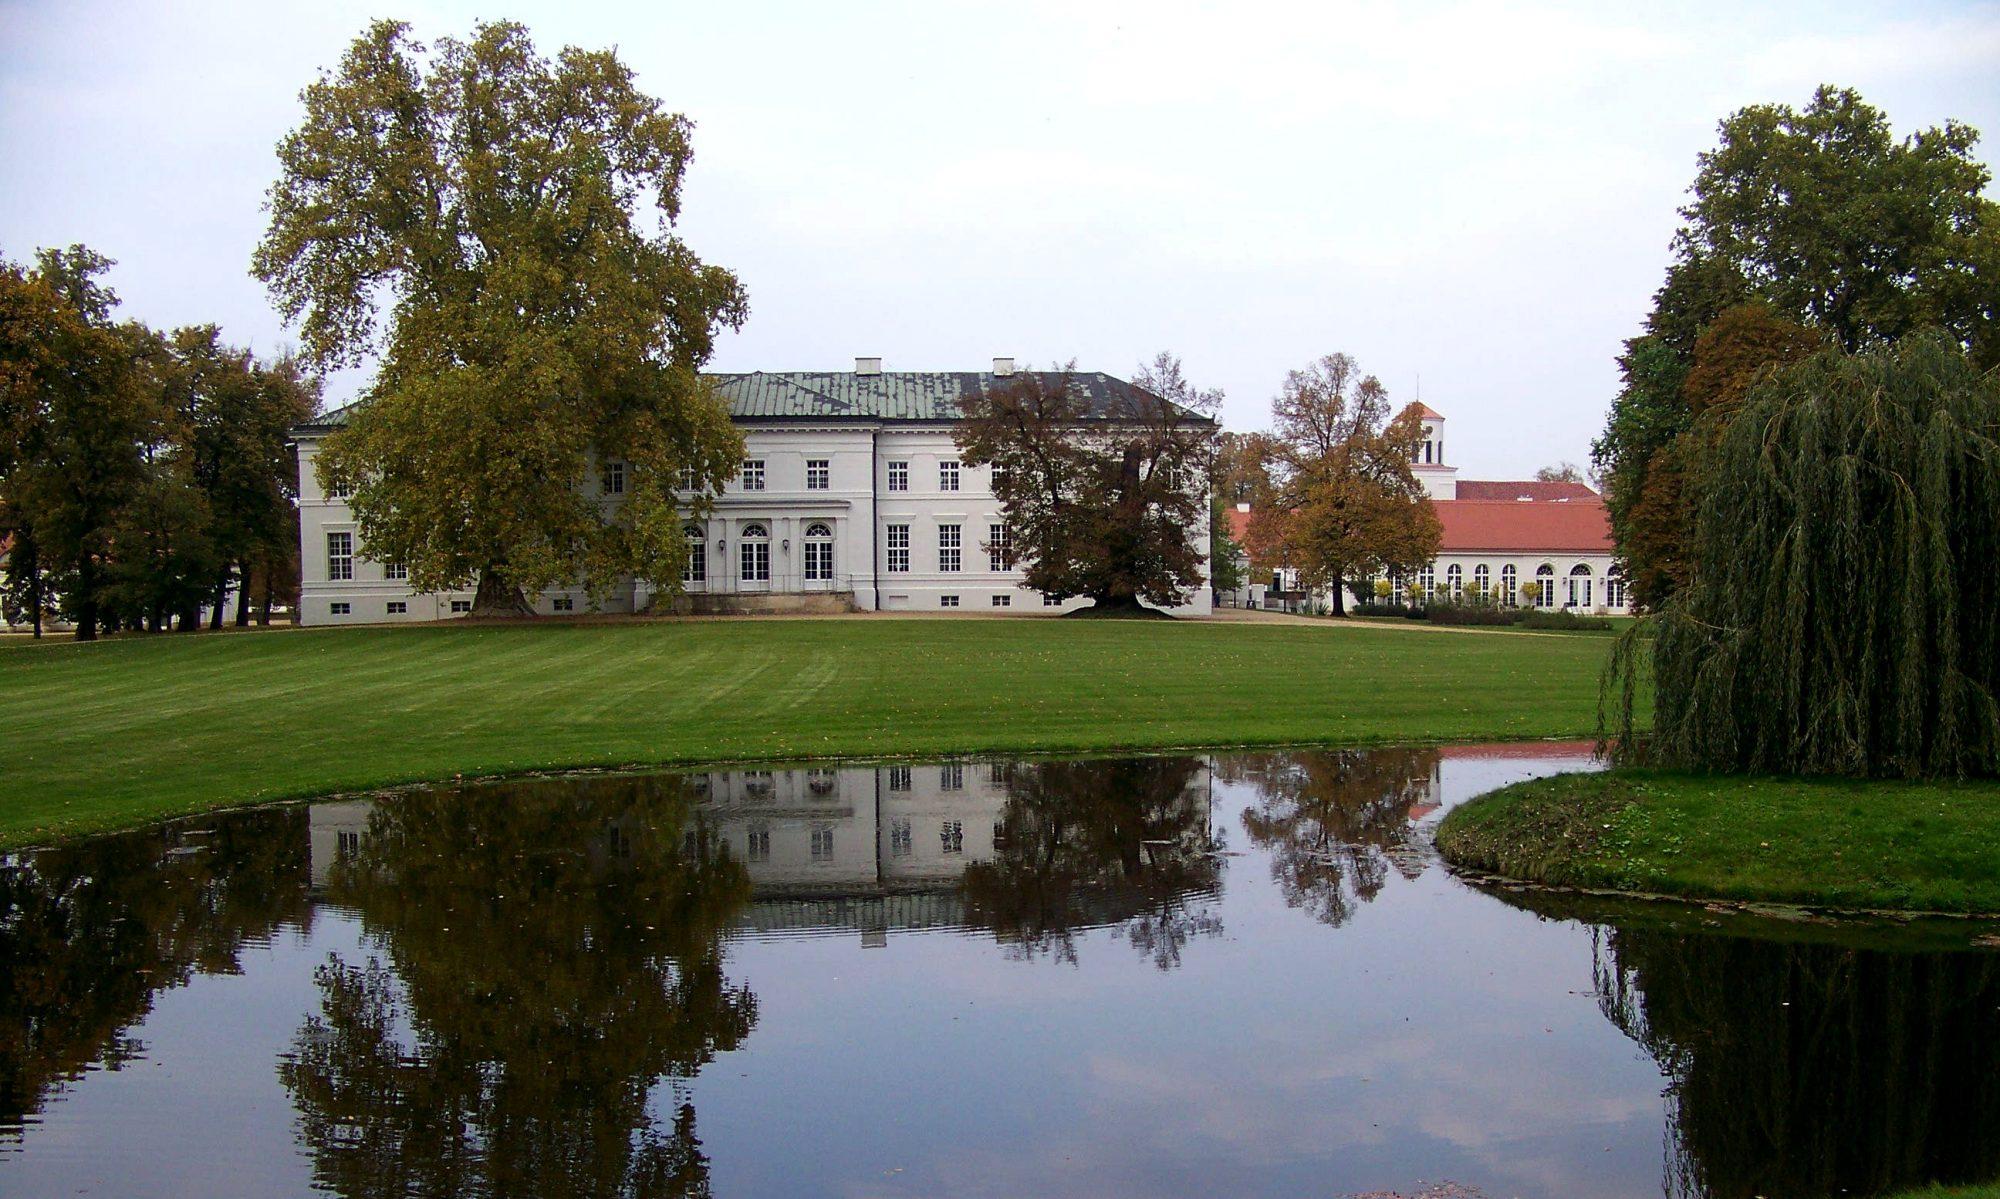 Stiftung Oderbruch